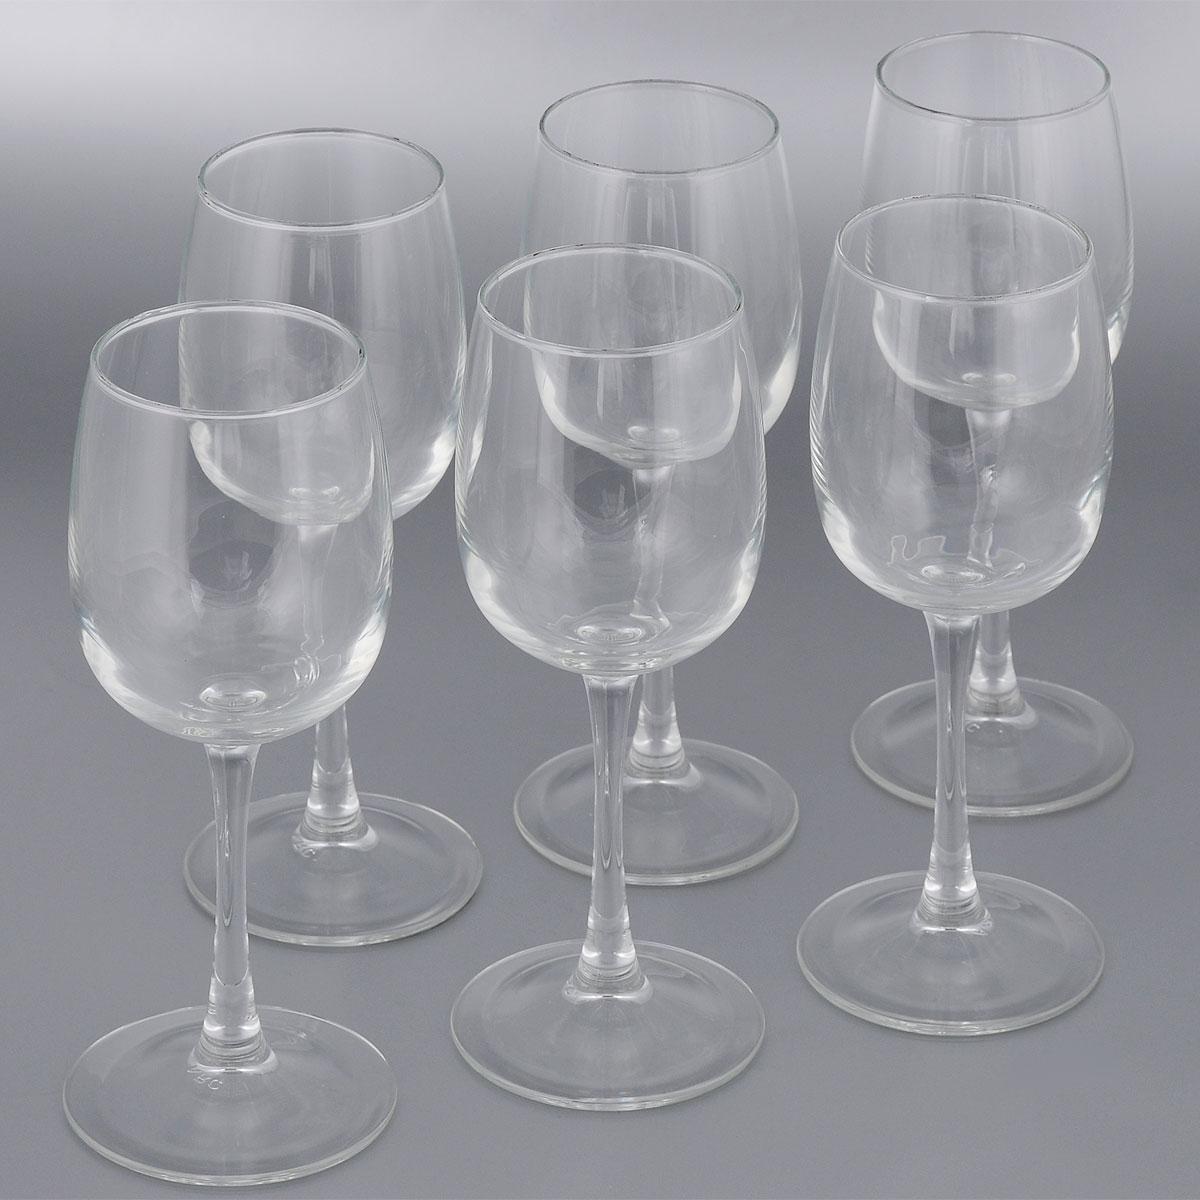 Набор бакалов для вина Luminarc Versailles, 360 мл, 6 штG1483Набор Luminarc Versailles состоит из шести классических бокалов, выполненных из прочного стекла. Изделияоснащены высокими ножками и предназначены для подачи вина. Они сочетают в себе элегантный дизайн ифункциональность.Набор фужеров Versailles прекрасно оформит праздничный стол и создаст приятную атмосферу заромантическим ужином. Такой набор также станет хорошим подарком к любому случаю. Можно мыть в посудомоечной машине. Диаметр фужера (по верхнему краю): 6,5 см.Диаметр основания фужера: 7,5 см.Высота фужера: 21,5 см.